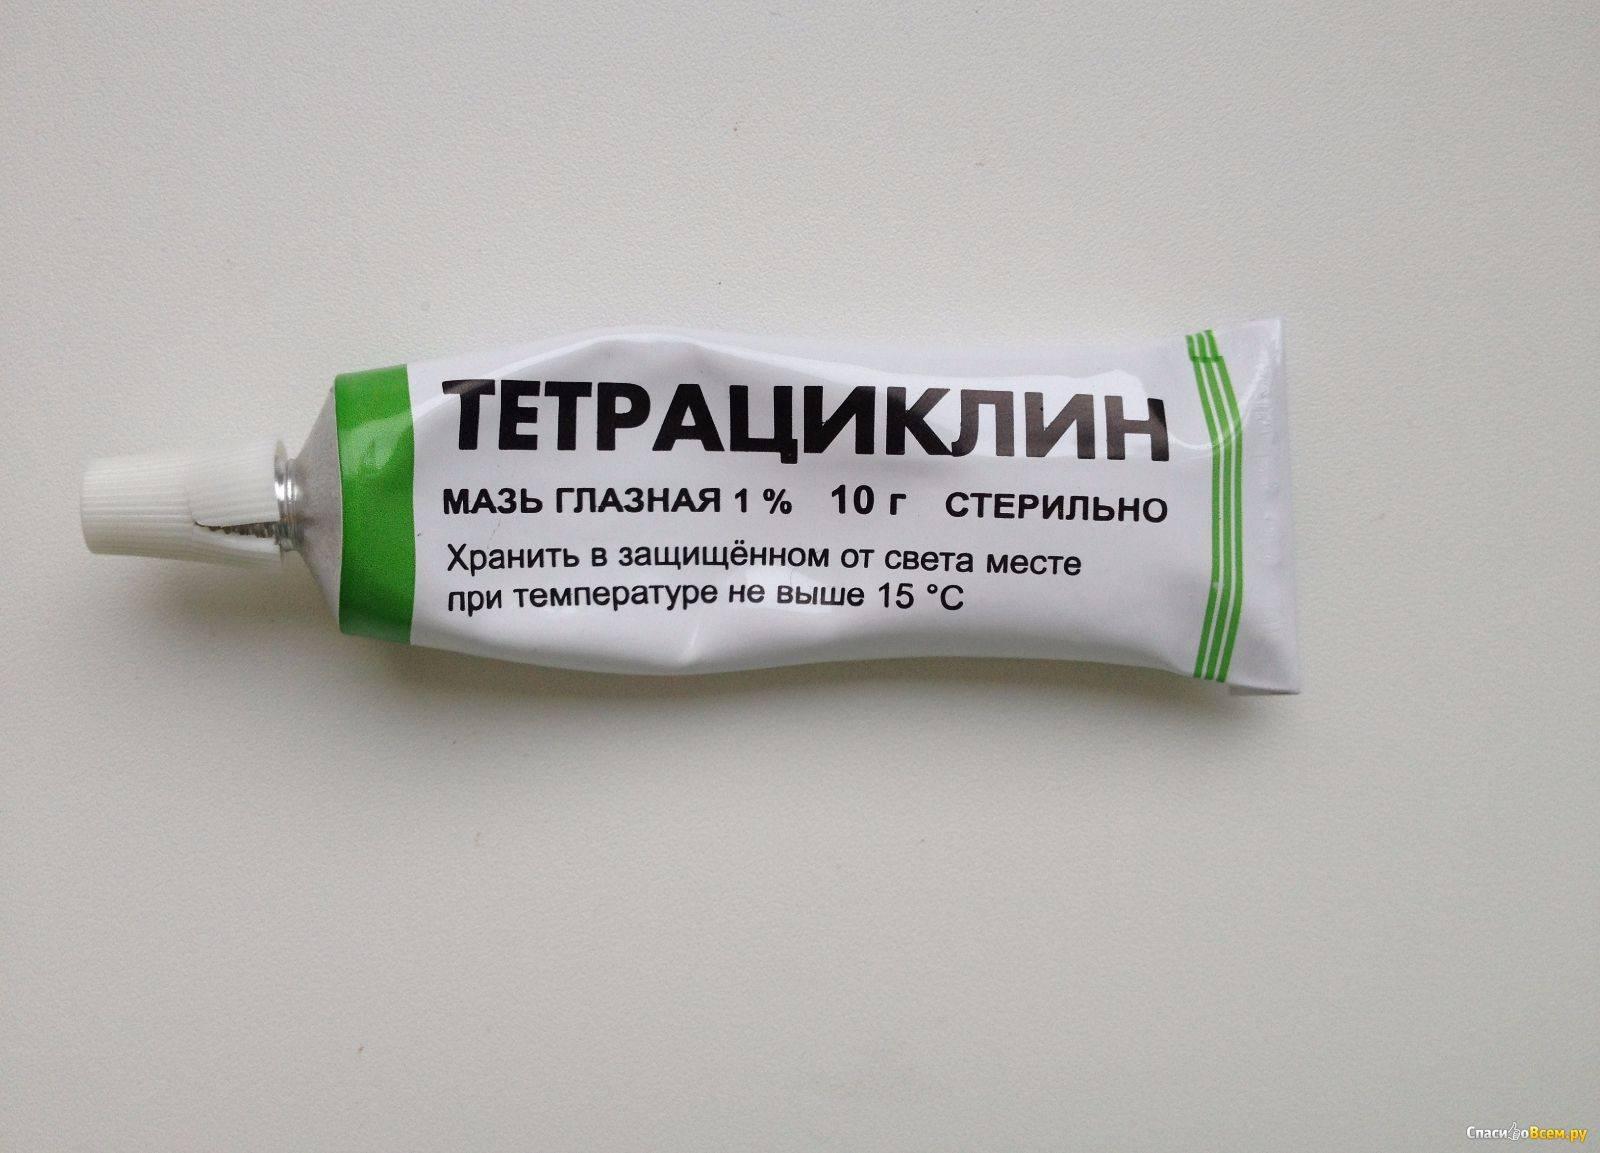 тетрациклиновая мазь применение для глаз